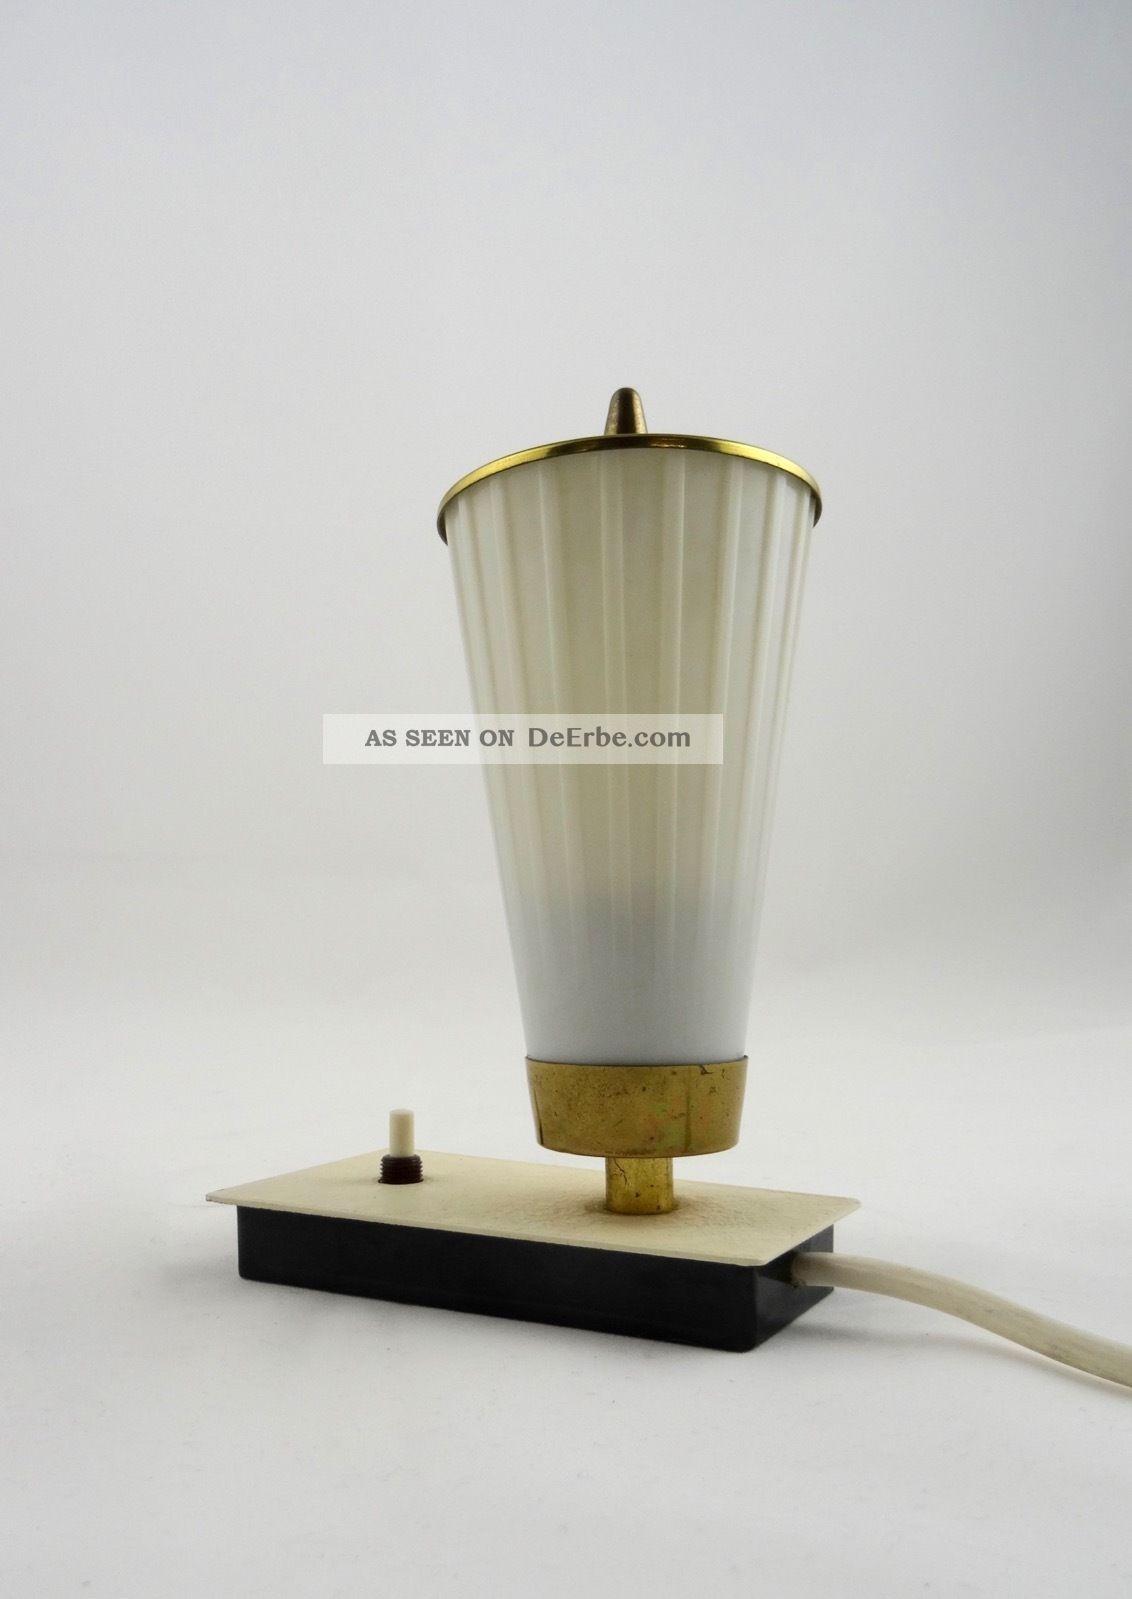 Vintage 50er Design Tischlampe Laterne Stilnovo Zeit Mid Century Leuchte 60er 1960-1969 Bild